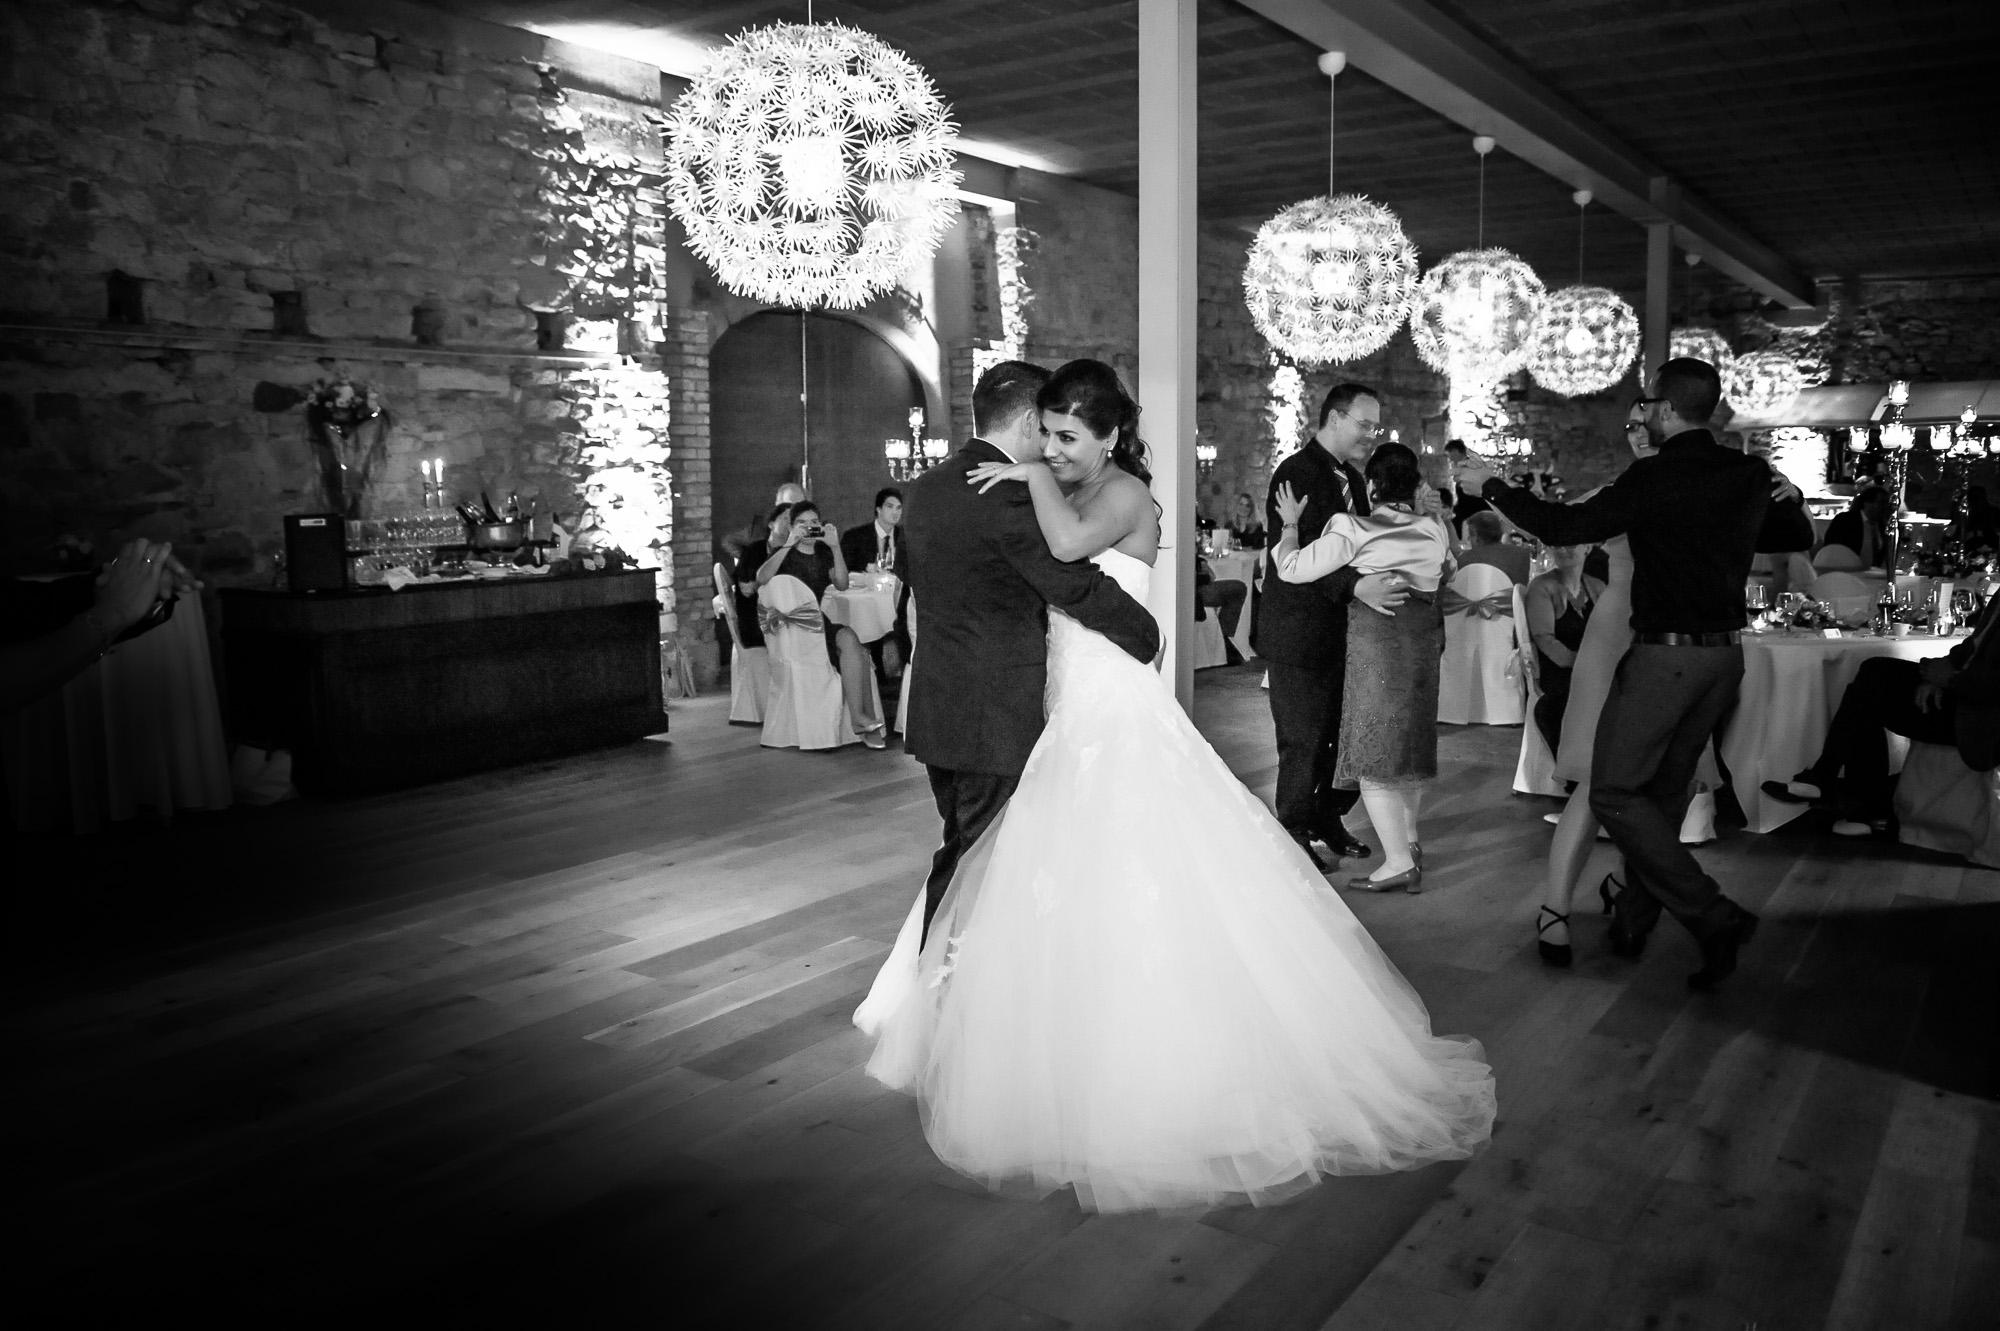 Hochzeit B2000  226396 284 - Strickroth & Fiege Fotografie